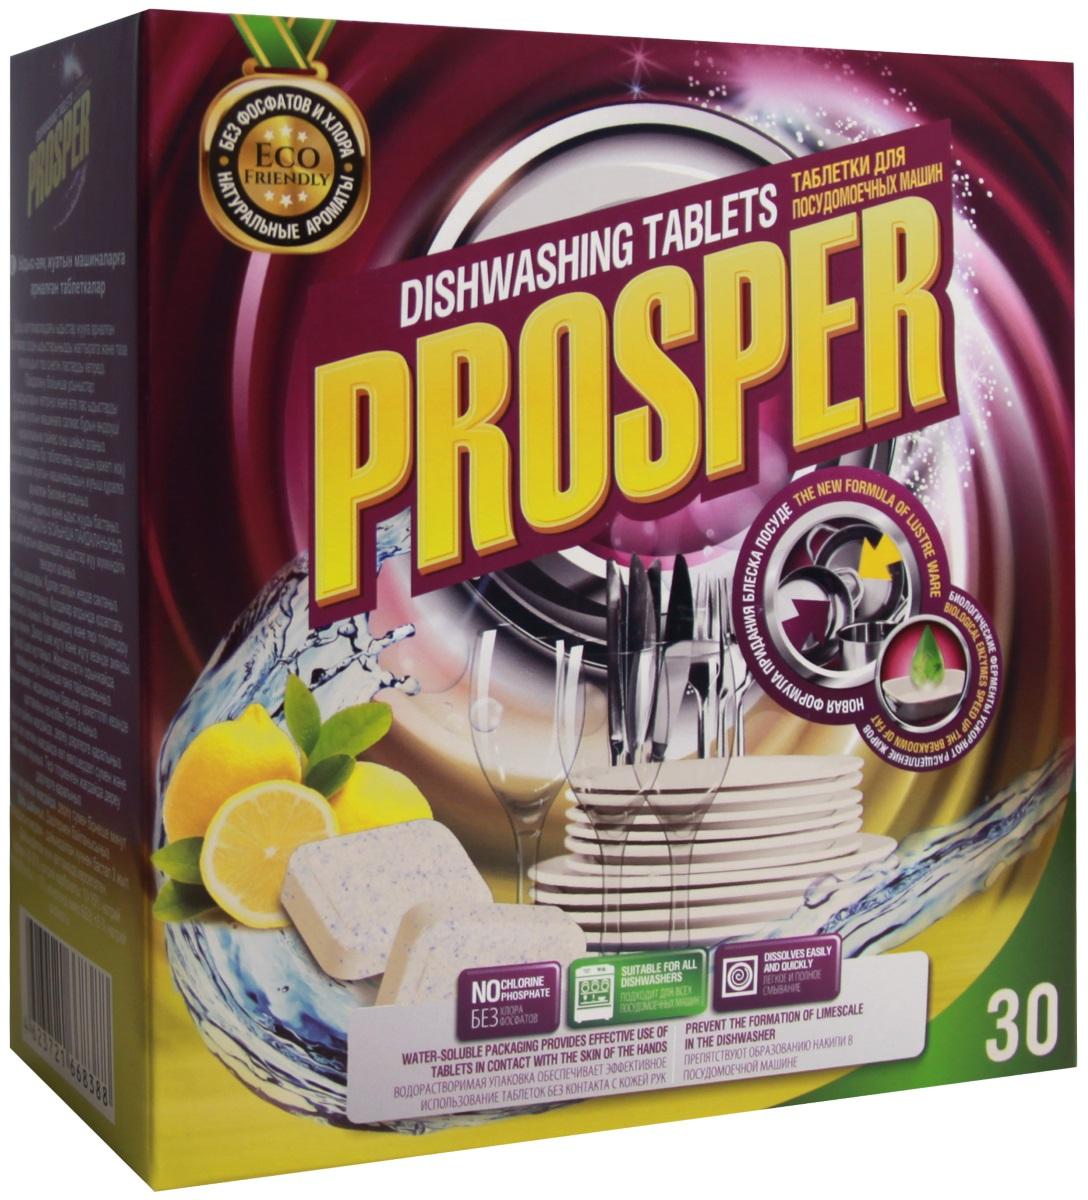 Таблетки для посудомоечных машин PROSPER, с ароматом лимона, 600 г4623721668388Таблетки для посудомоечных машин PROSPER имеет высокую очищающую способность против жирных и засохщих пятен. - Эффективно удаляют неприятные запахи. - Придают посуде ослепительный блеск. - Входящий в состав таблеток ополаскиватель не оставляет на посуде разводов и известковых пятен. - Не содержат фосфатов и хлора, не вызывают аллергии и раздражения, безопасны для окружающей среды. - Удобная упаковка: каждая таблетка в отдельной растворимой упаковке. - Эффективны при использовании в жесткой воде. - Предотвращают образование накипи.